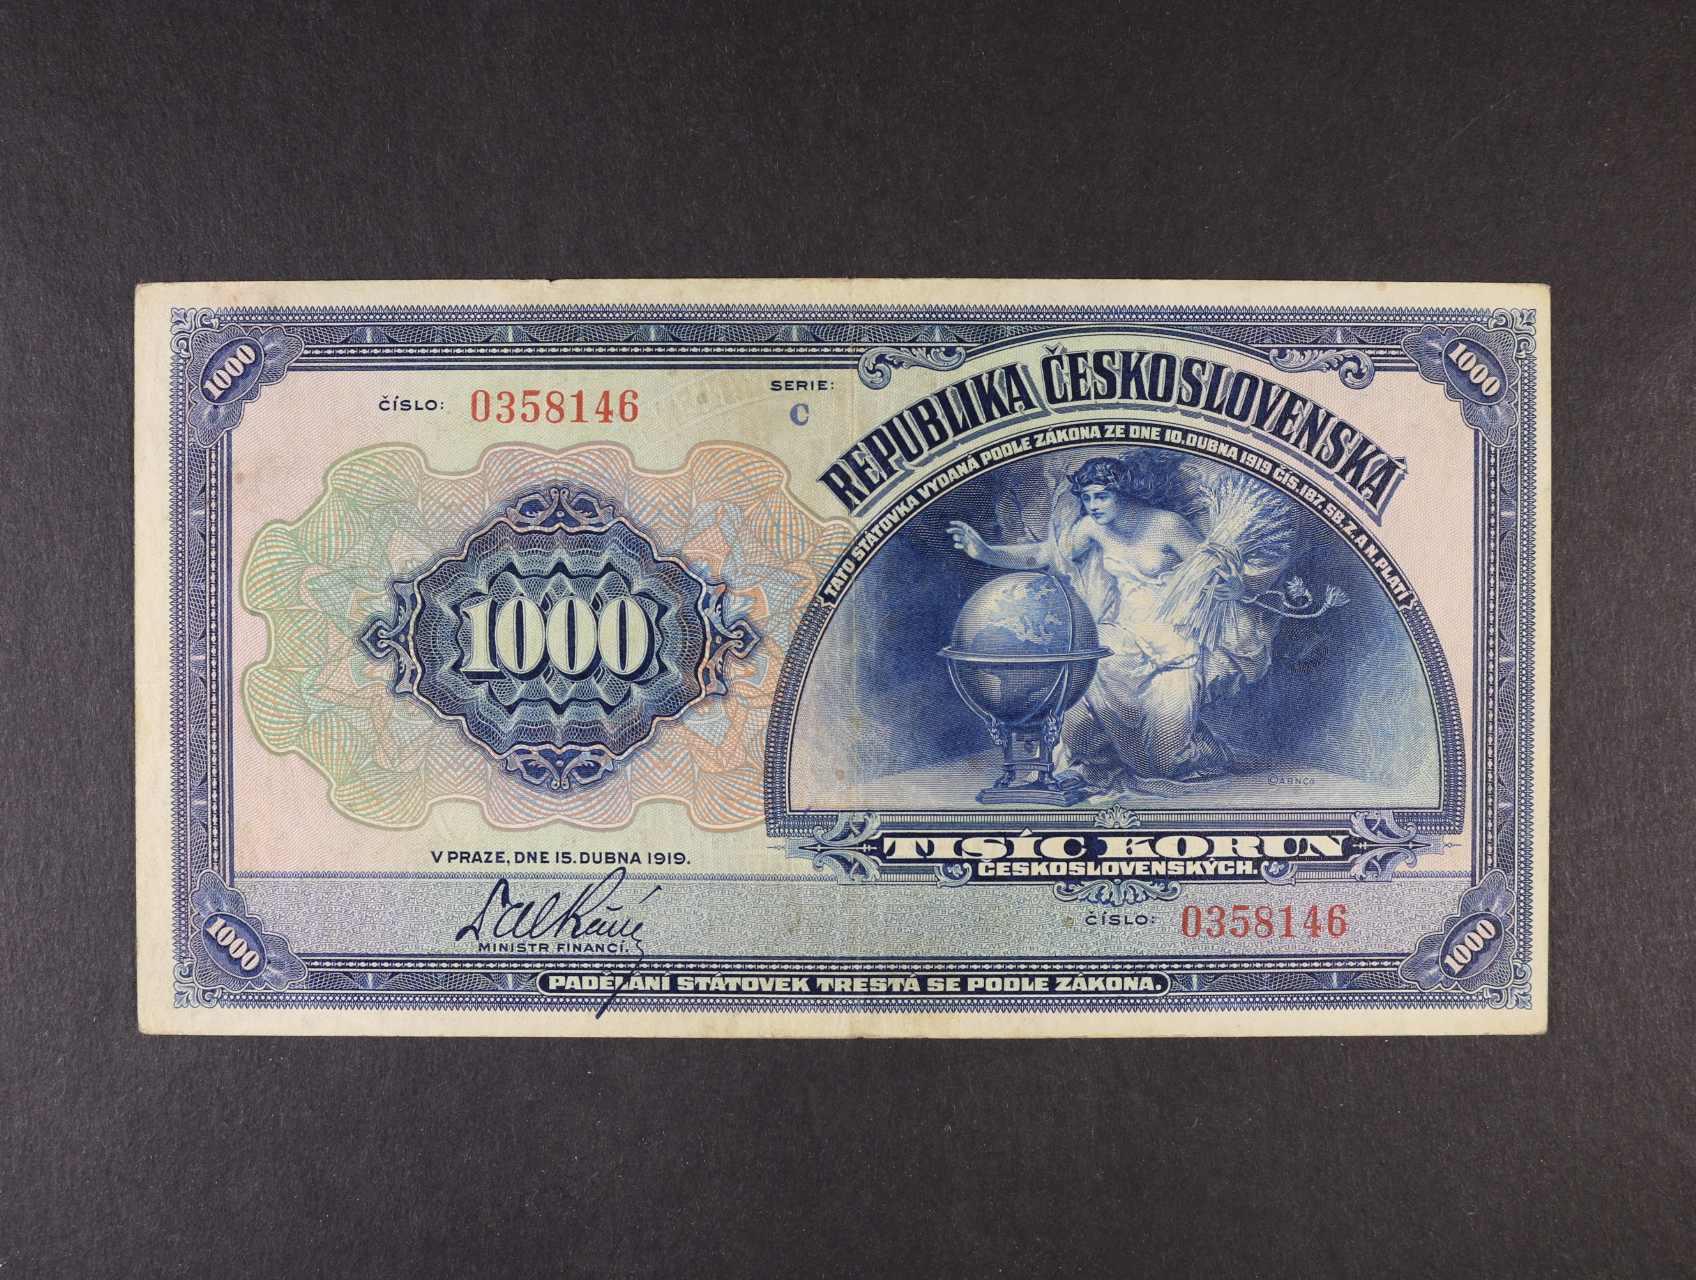 1000 Kč 15.4.1919 série C, Ba. 14, Pi. 13